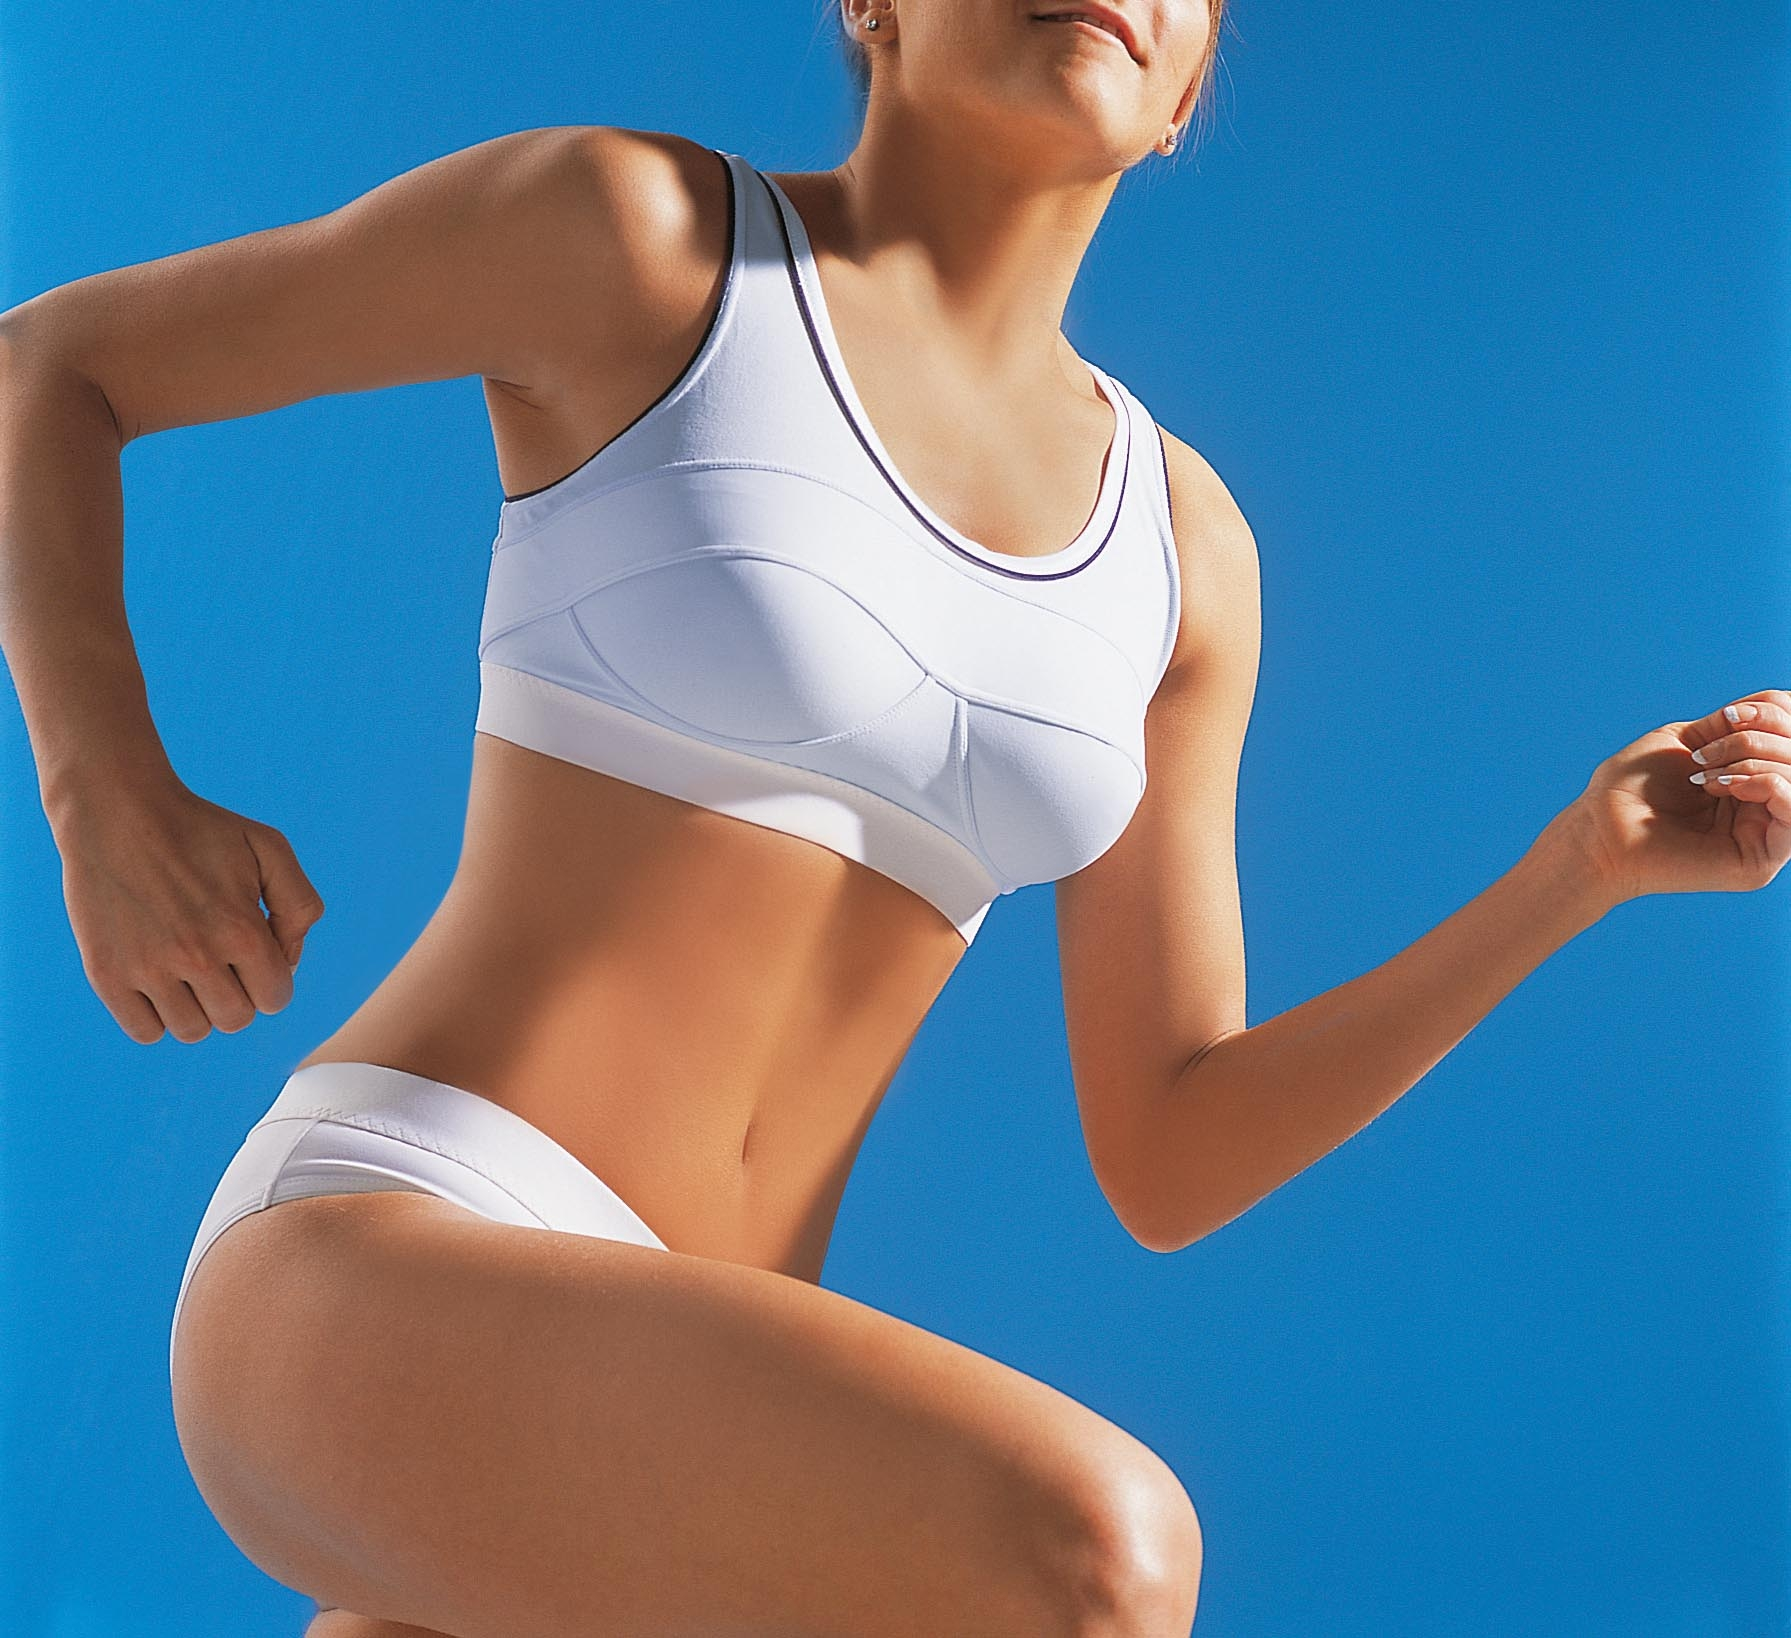 augmentation mammaire et sport